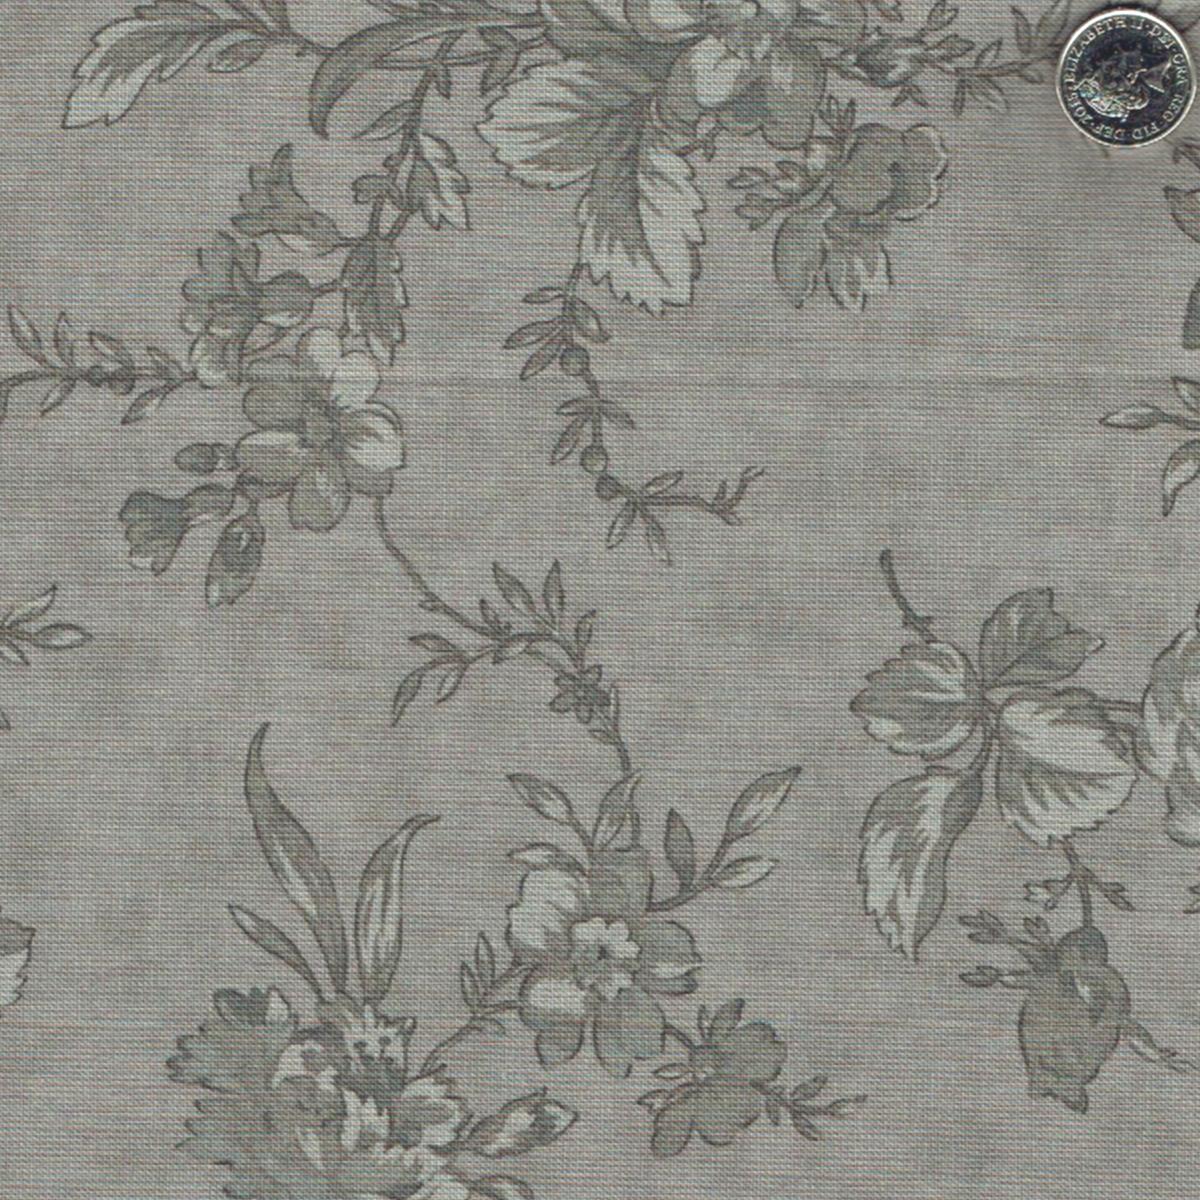 Poetry Prints Tonal Stone Romantic Blooms 44130 - 27